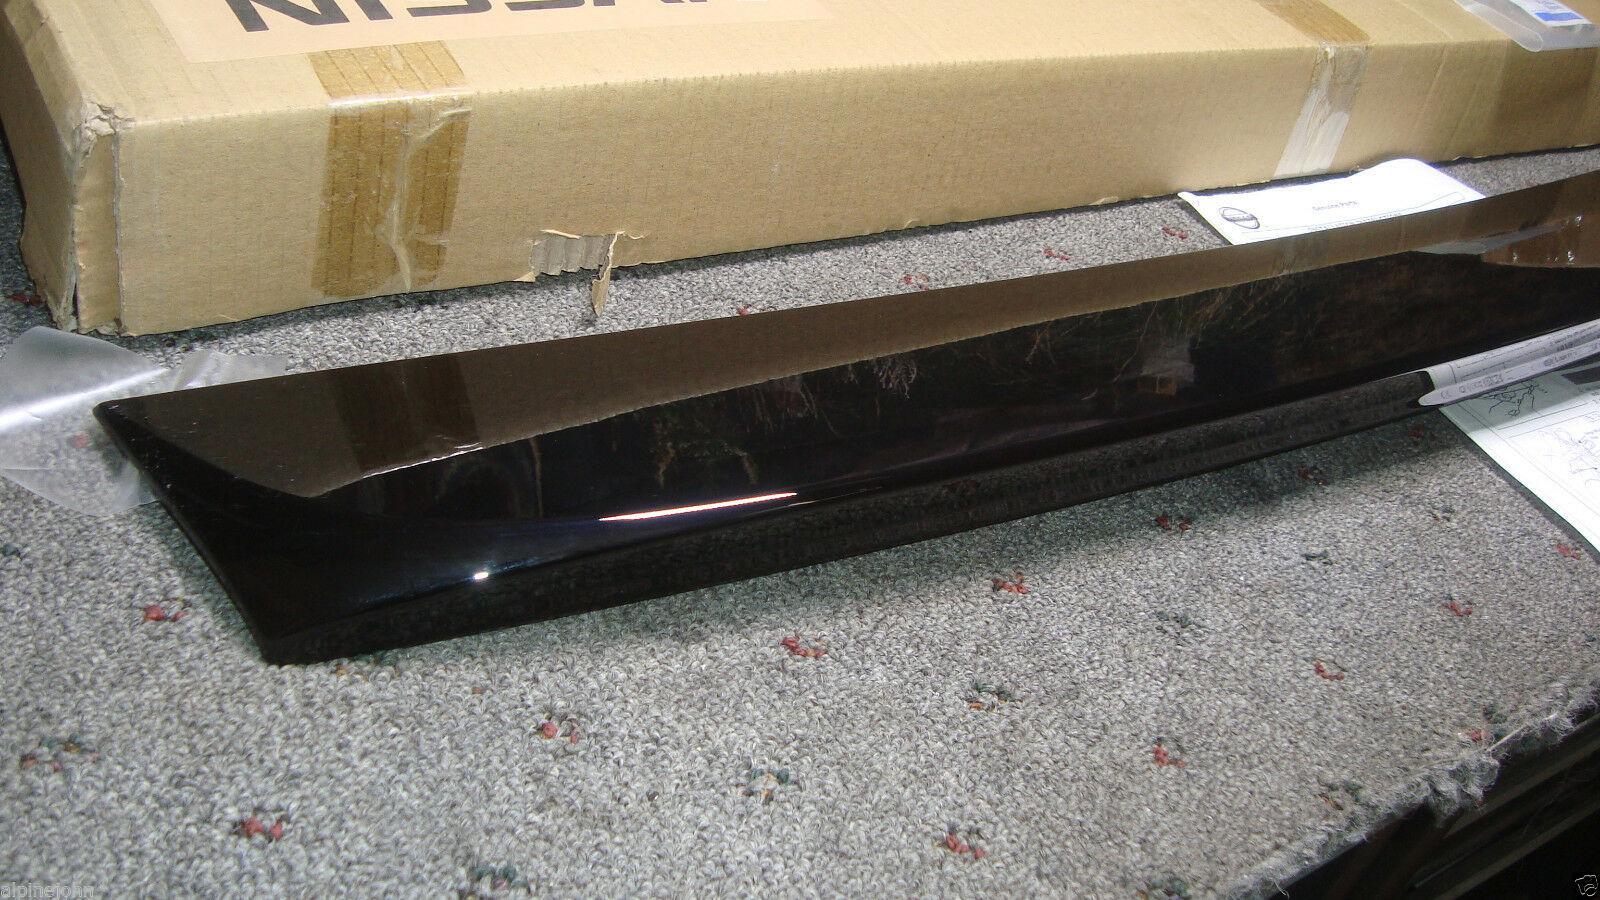 SPOILER Black Rear Deck NEW 999J1-LTKH3 Genuine NISSAN Fits SENTRA 2007-2011 HG